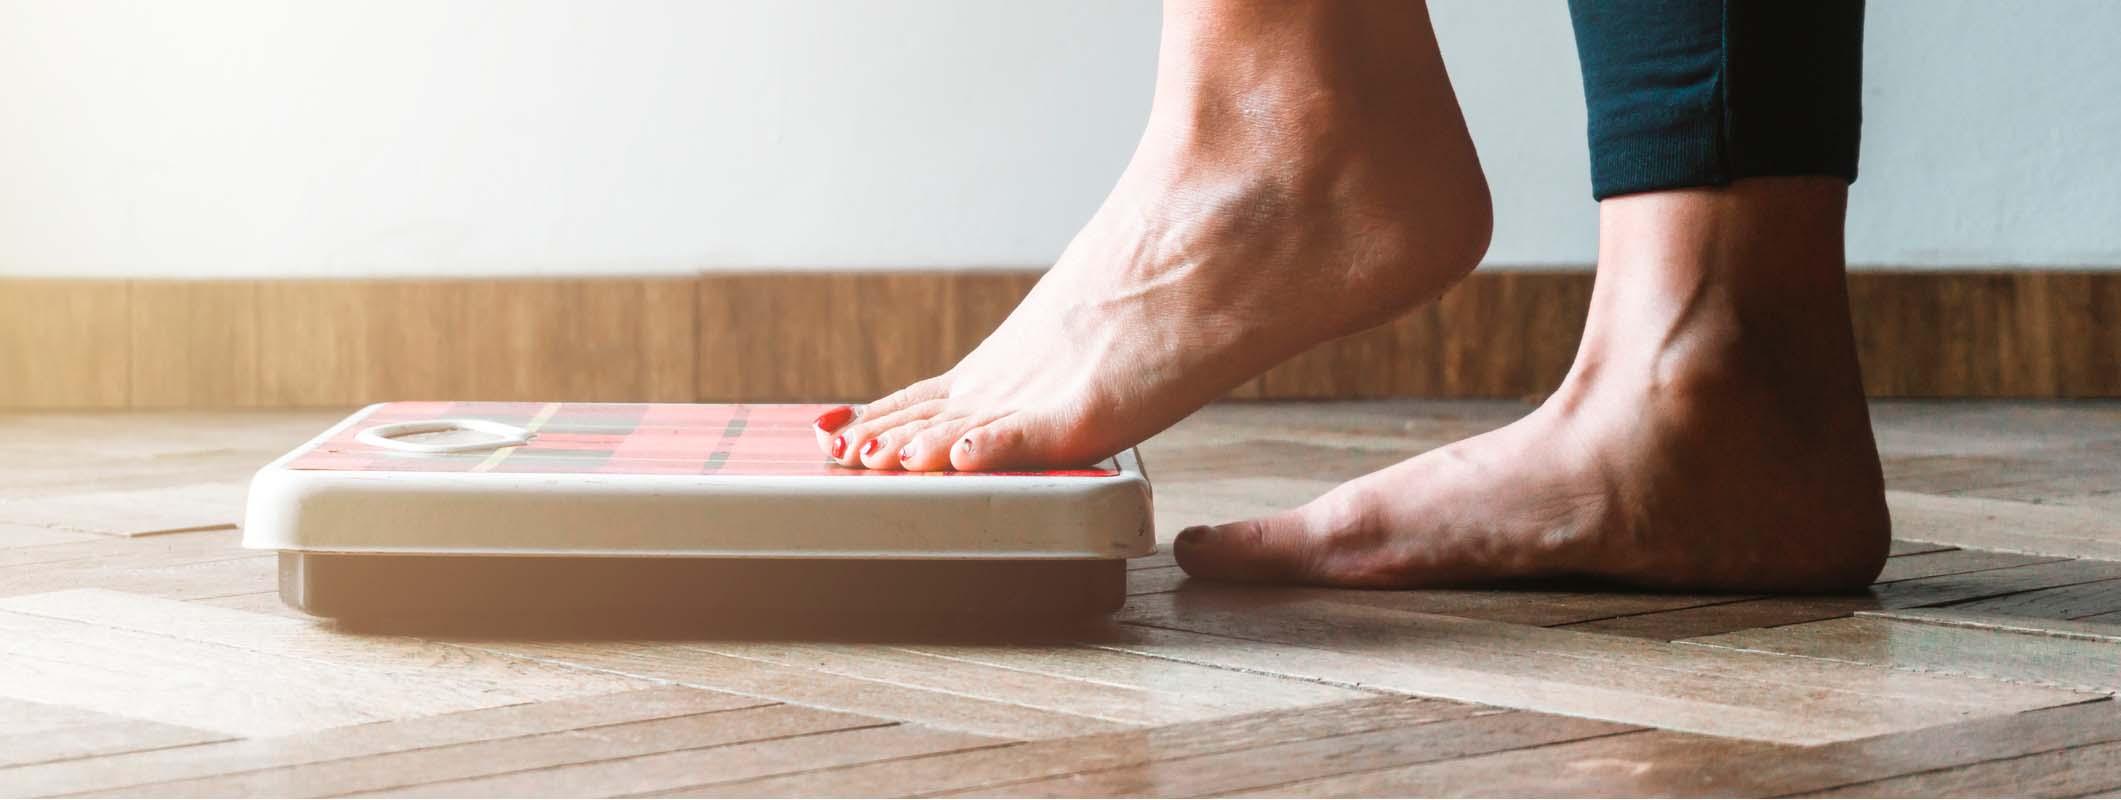 Quatre bonnes habitudes pour trouver son poids idéal